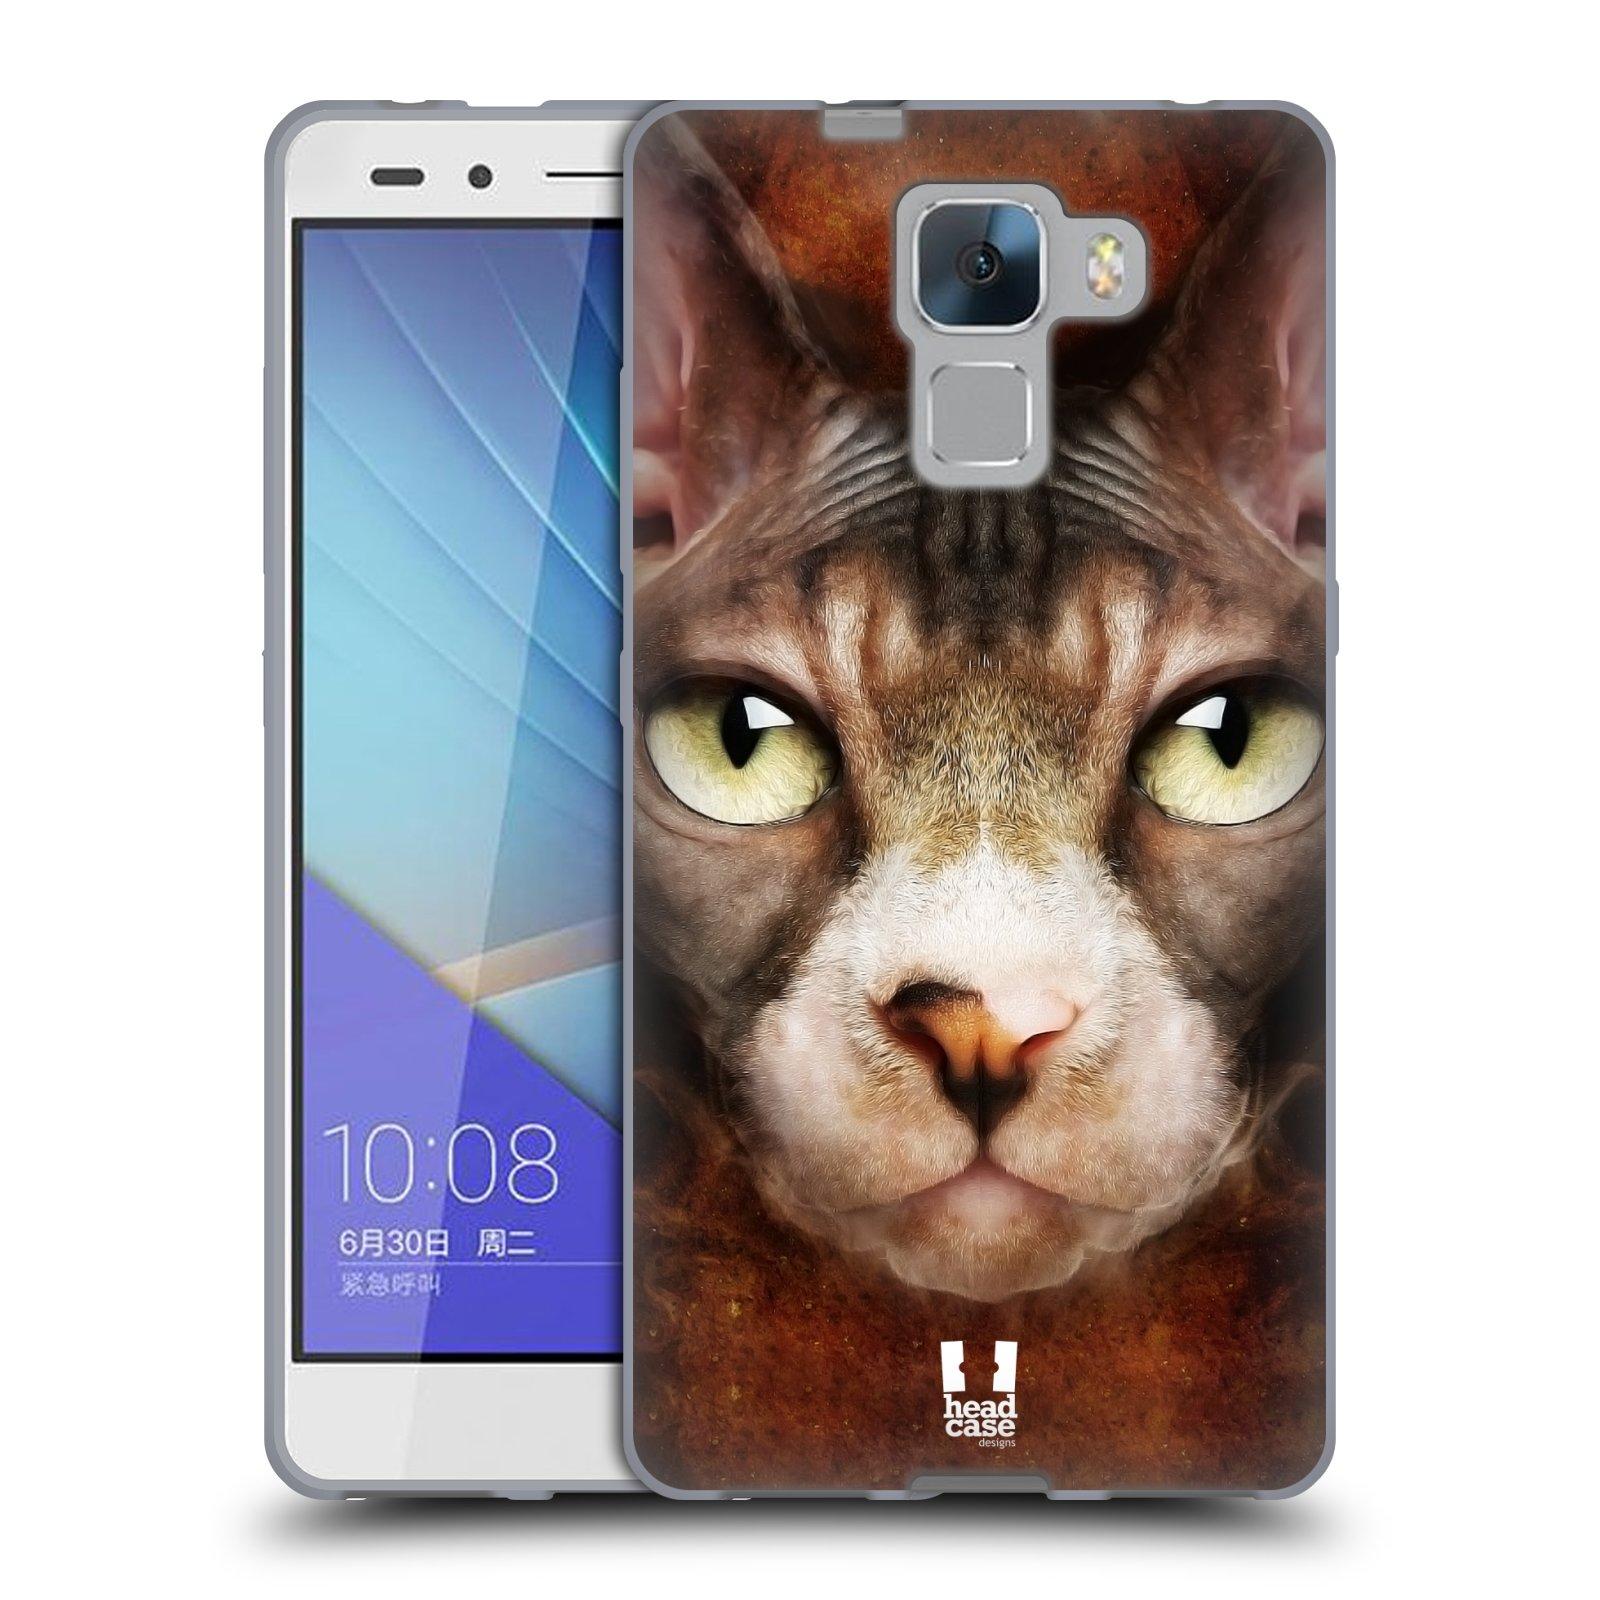 HEAD CASE silikonový obal na mobil HUAWEI HONOR 7 vzor Zvířecí tváře kočka sphynx